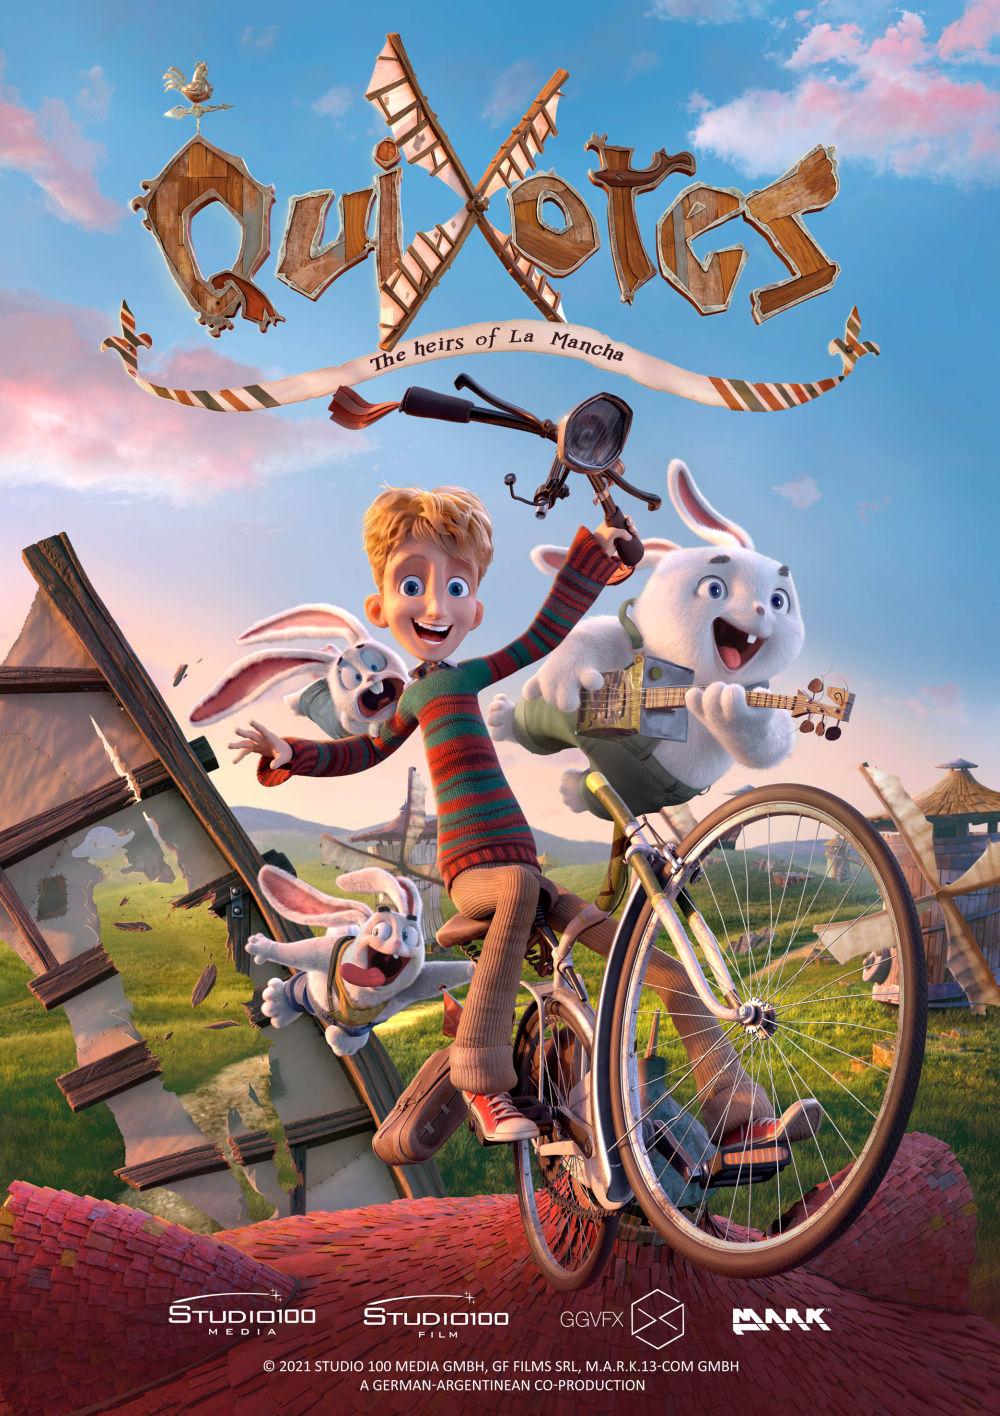 Quixotes – The Heirs of La Mancha